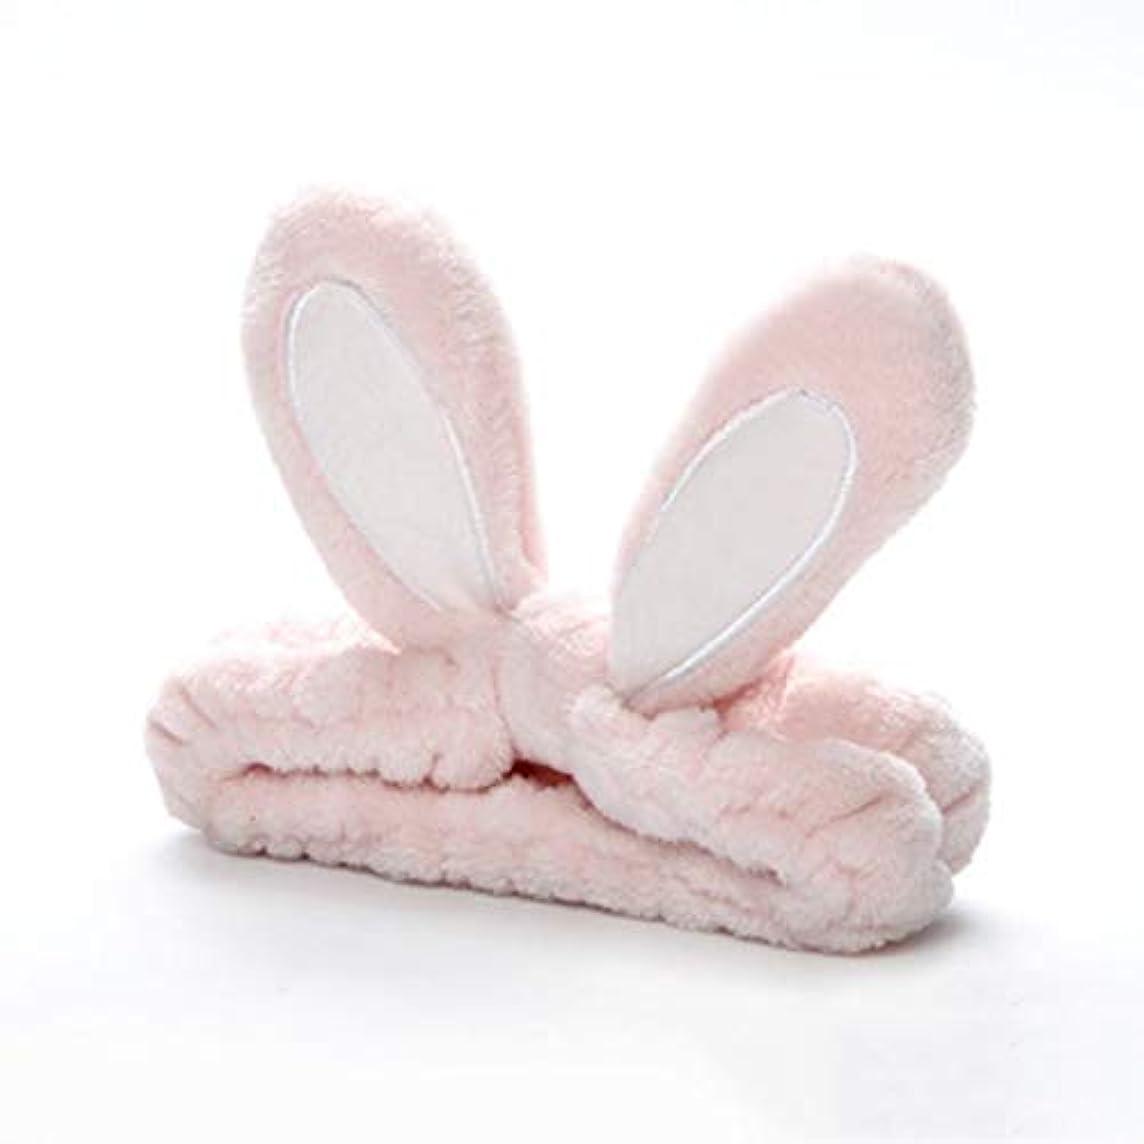 ブースト伝統的飼料かわいいうさぎ耳帽子洗浄顔とメイクアップ新しくファッションヘッドバンド - ライトピンク